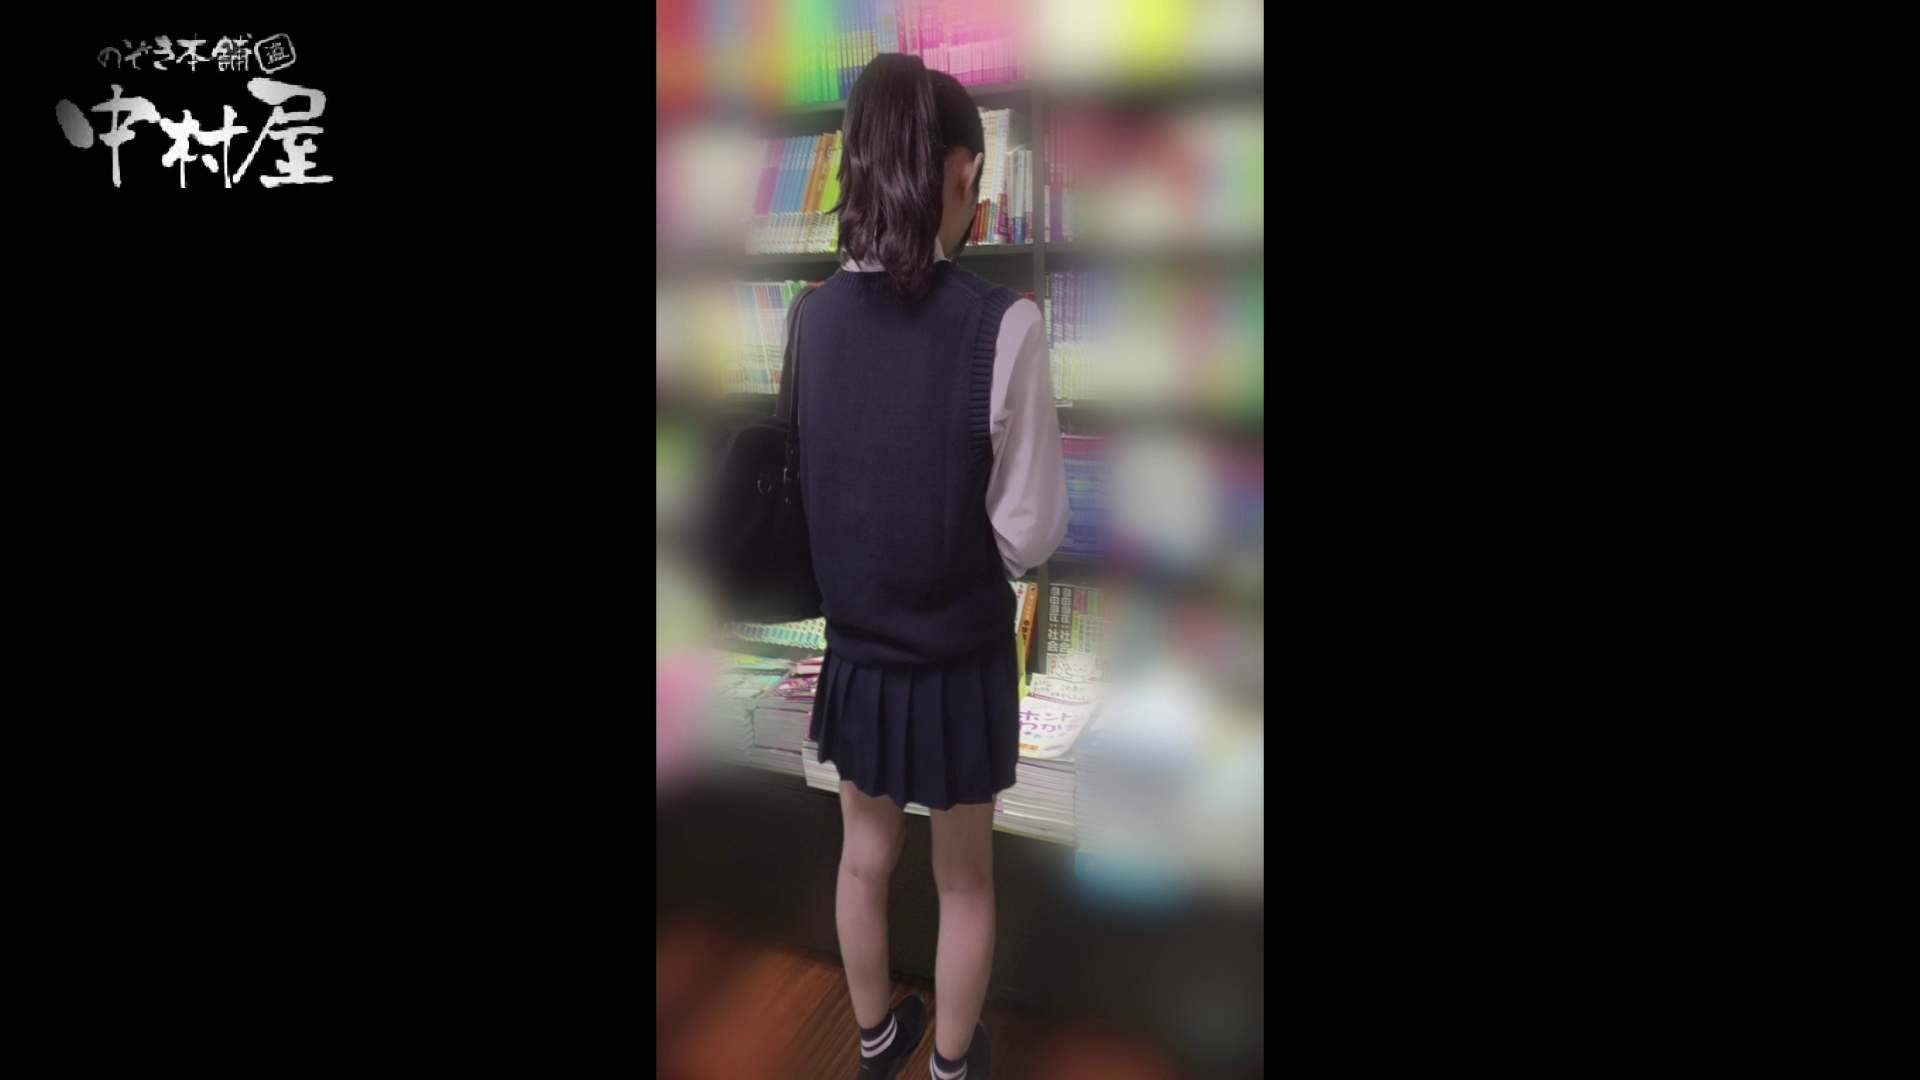 雅さんの独断と偏見で集めた動画集 book編vol.04 イタズラ | OLエロ画像  68PICs 16